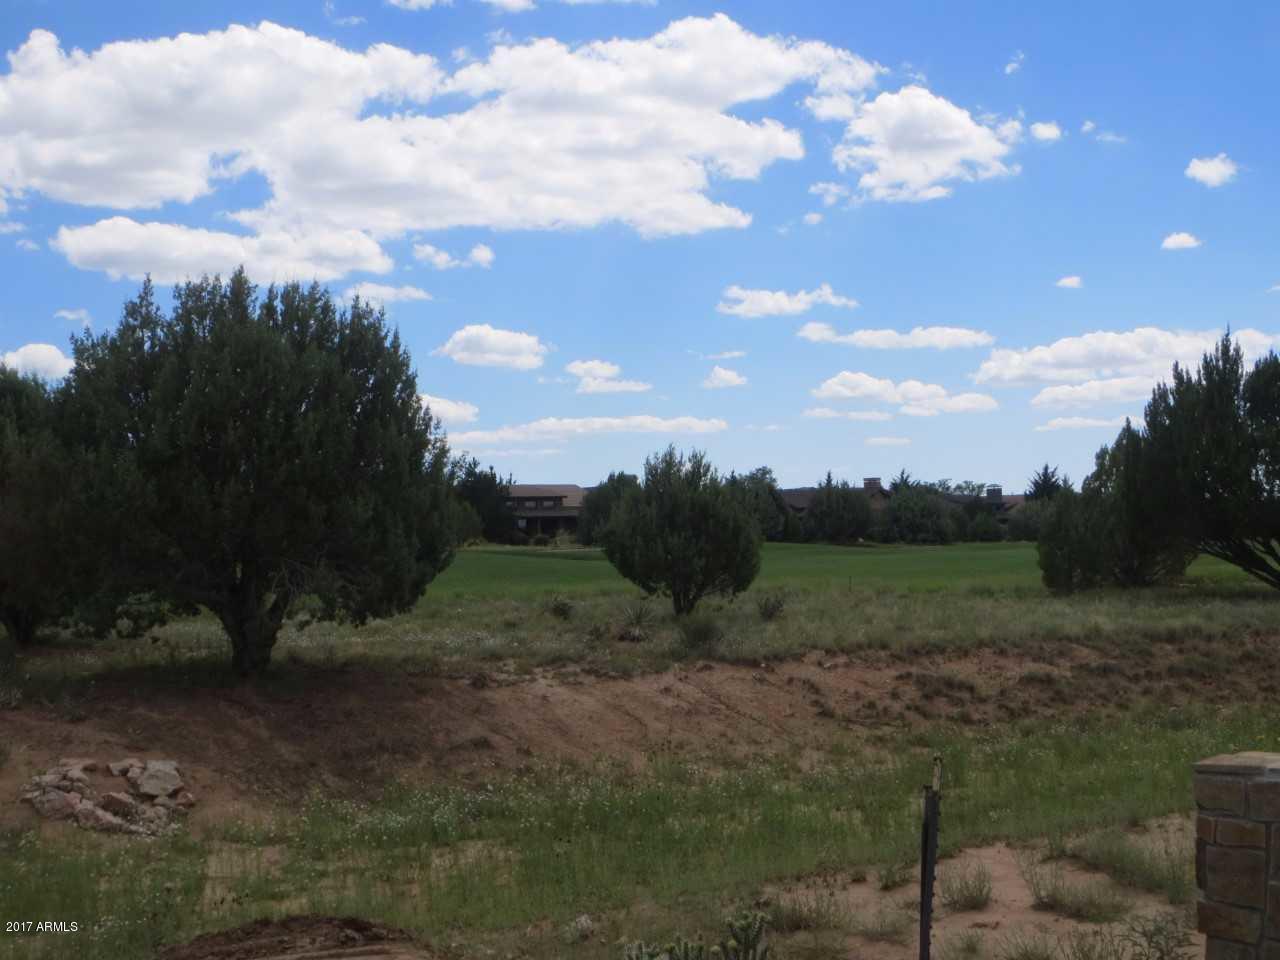 14855 N HAZY SWAYZE Lane Prescott, AZ 86305 - MLS #: 5393890